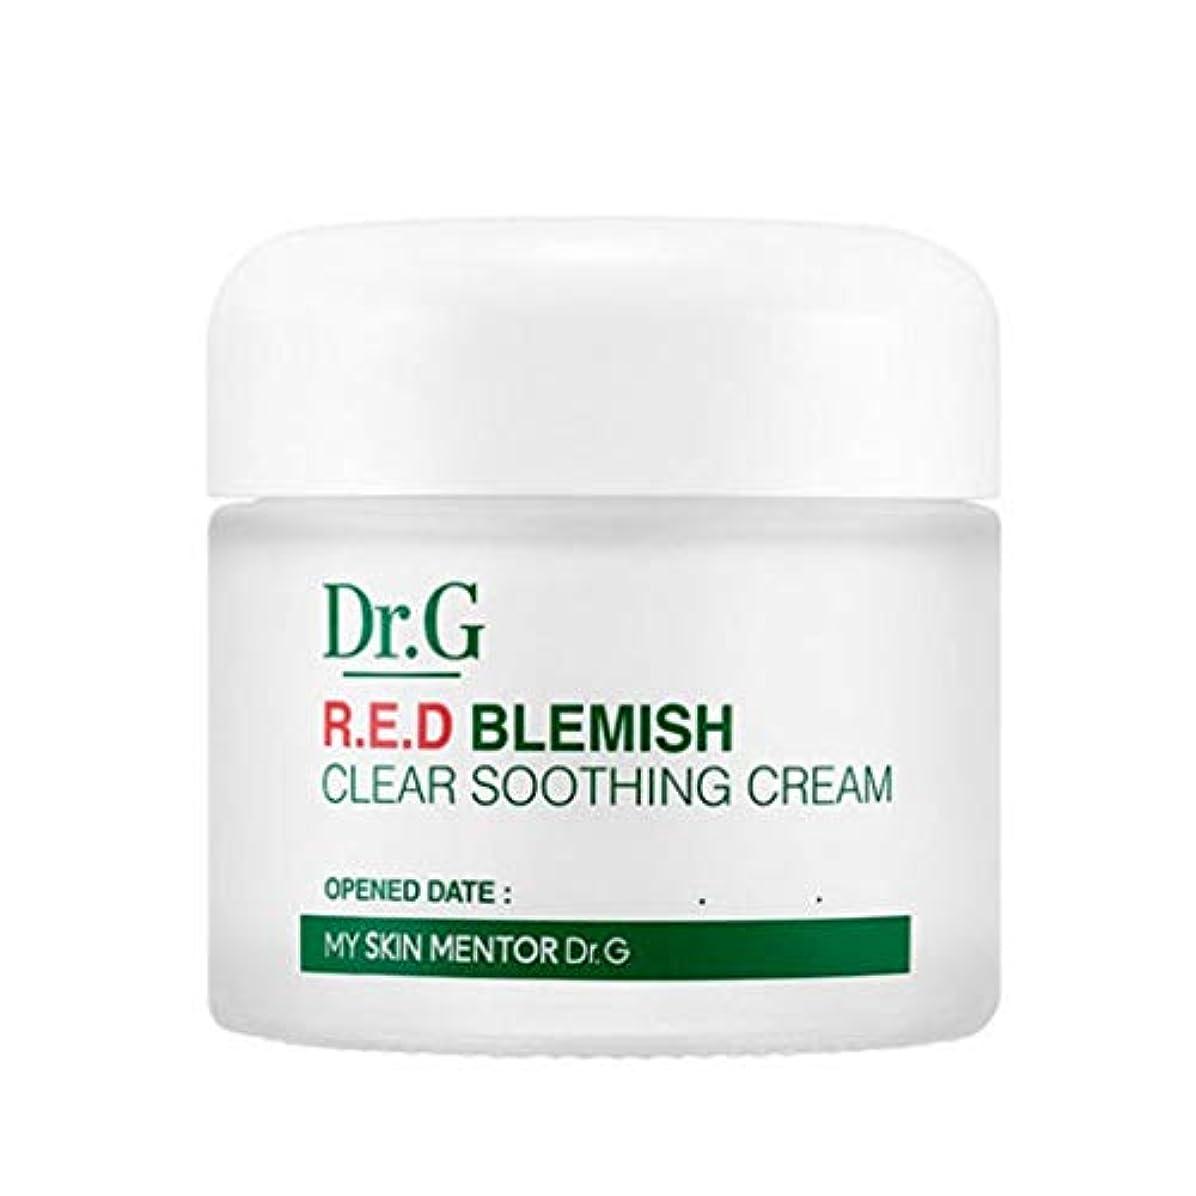 極小南アメリカラブドクターGレッドブレミッシュクリアスージングクリーム70ml水分クリーム、Dr.G Red Blemish Clear Soothing Cream 70ml Moisturizing Cream [並行輸入品]